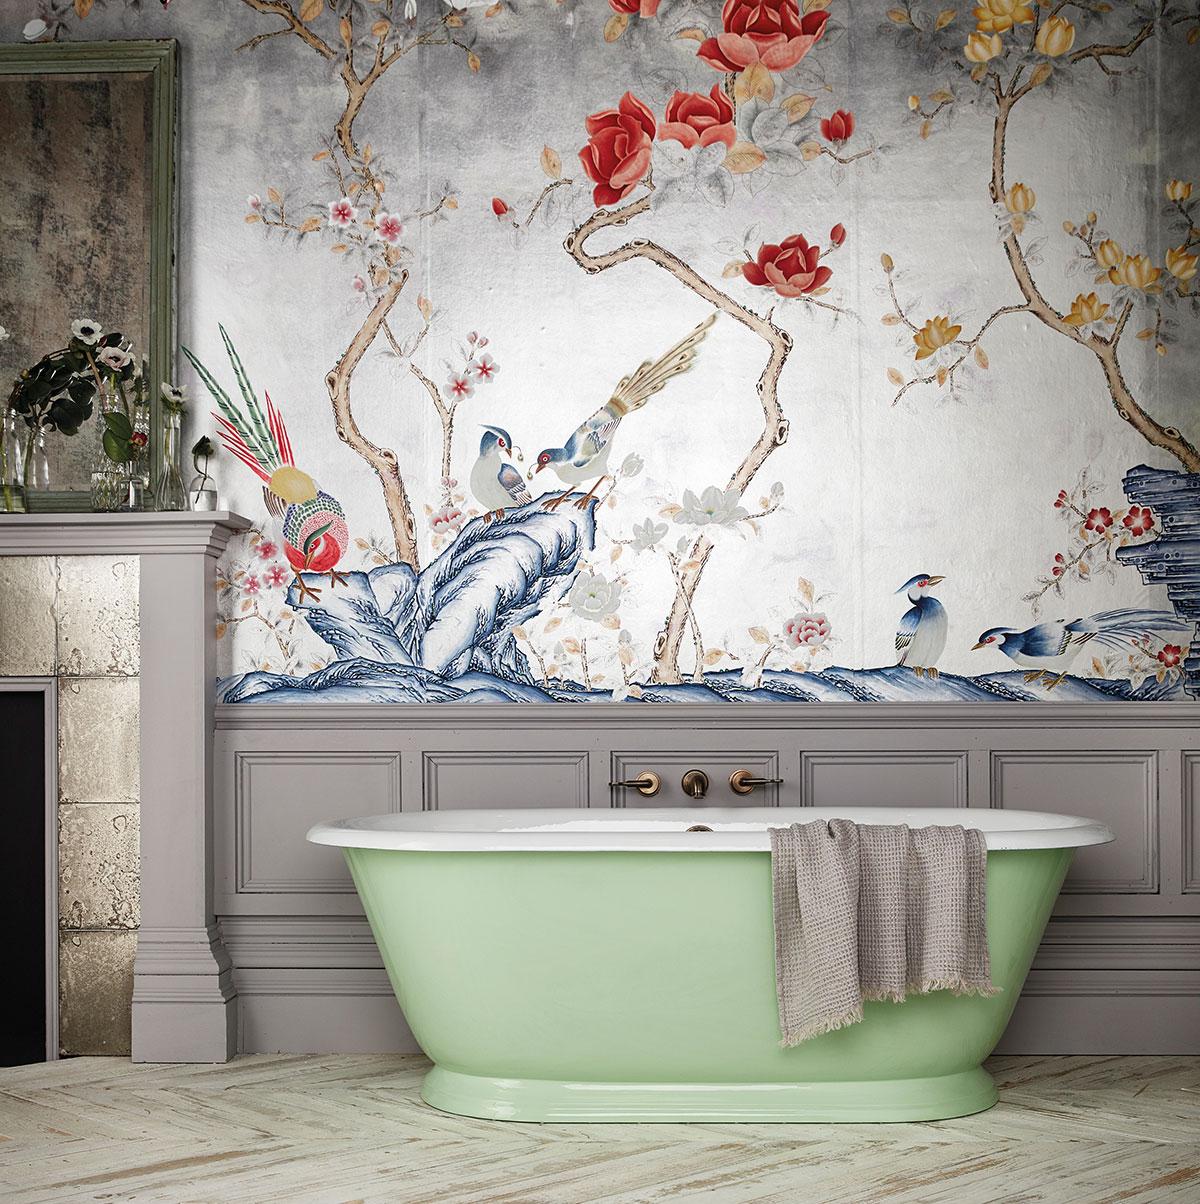 Green freestanding bath